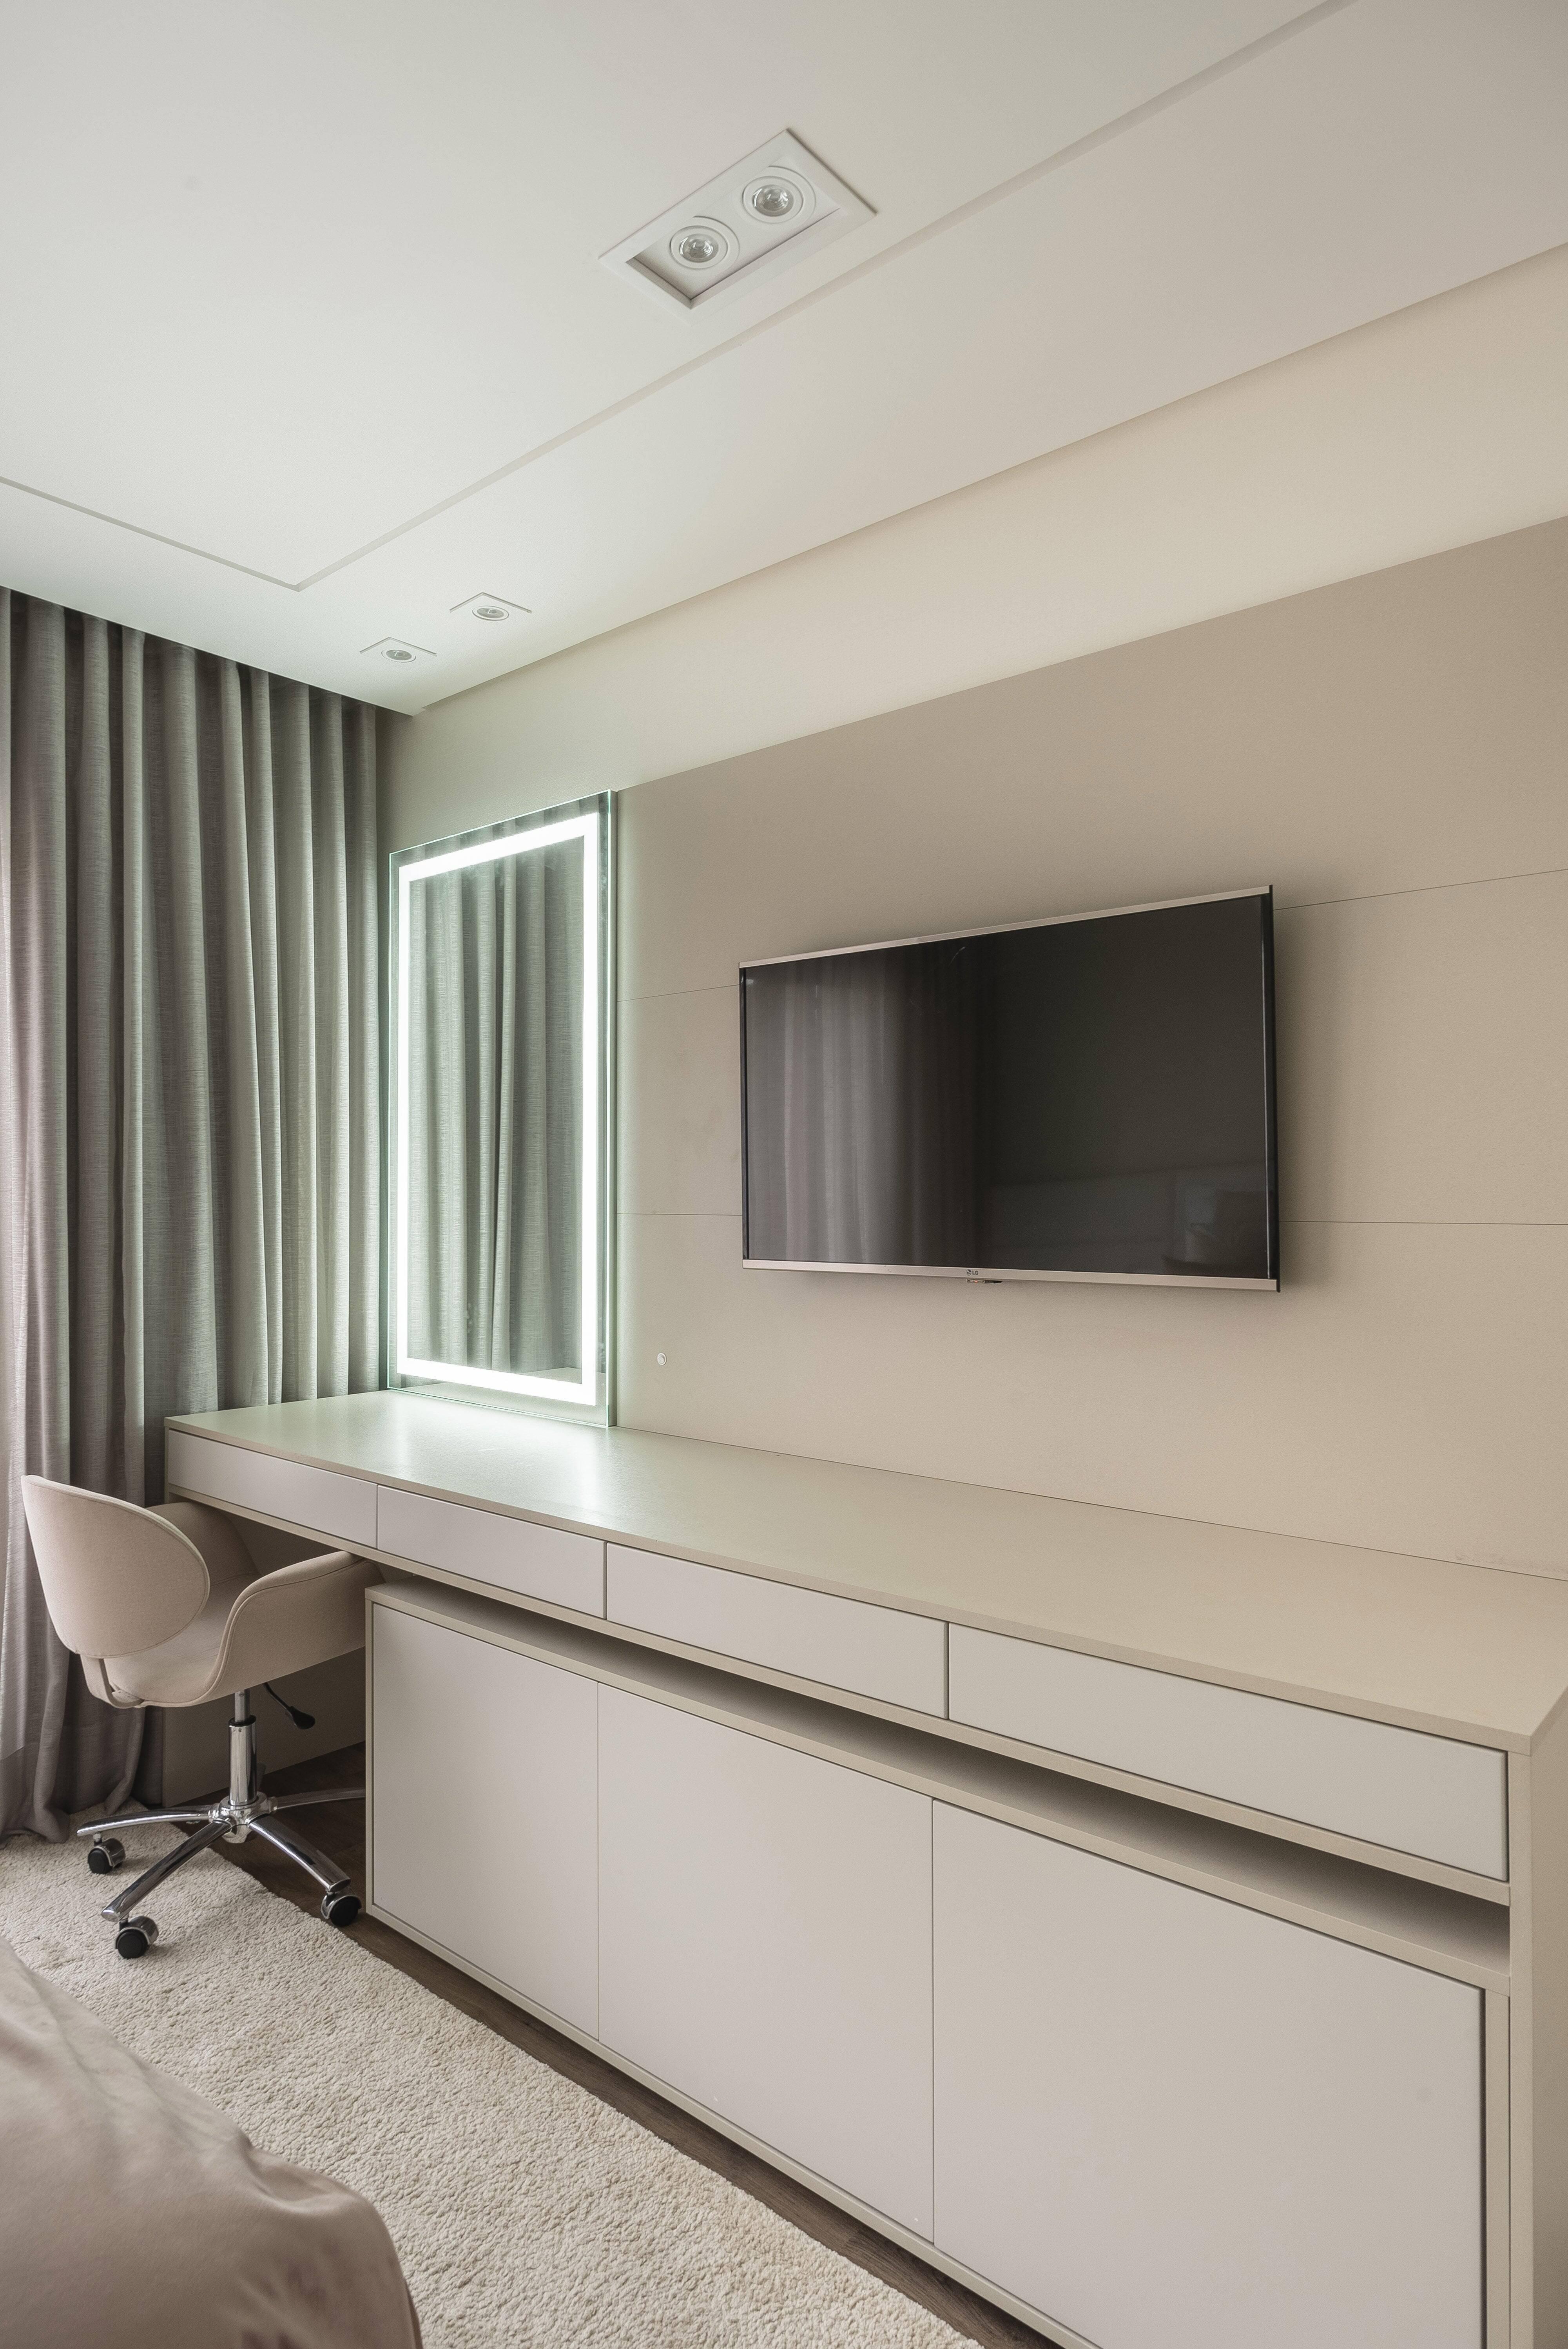 Para os mais vaidosos, uma penteadeira pode ser integrada ao quarto. Foto: Henrique Ribeiro